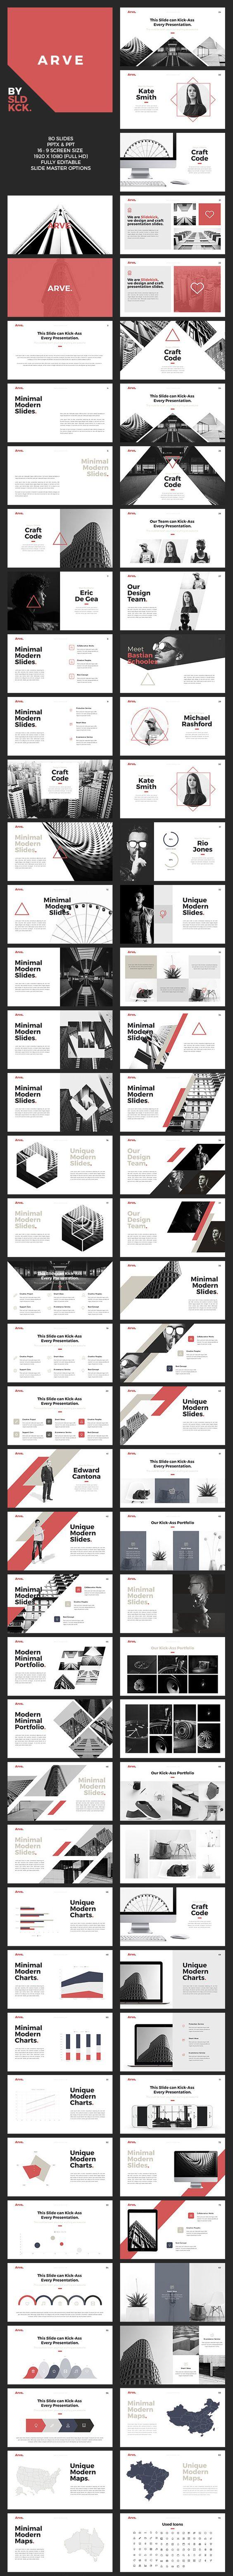 arve - modern powerpoint presentation | presentation templates, Presentation templates